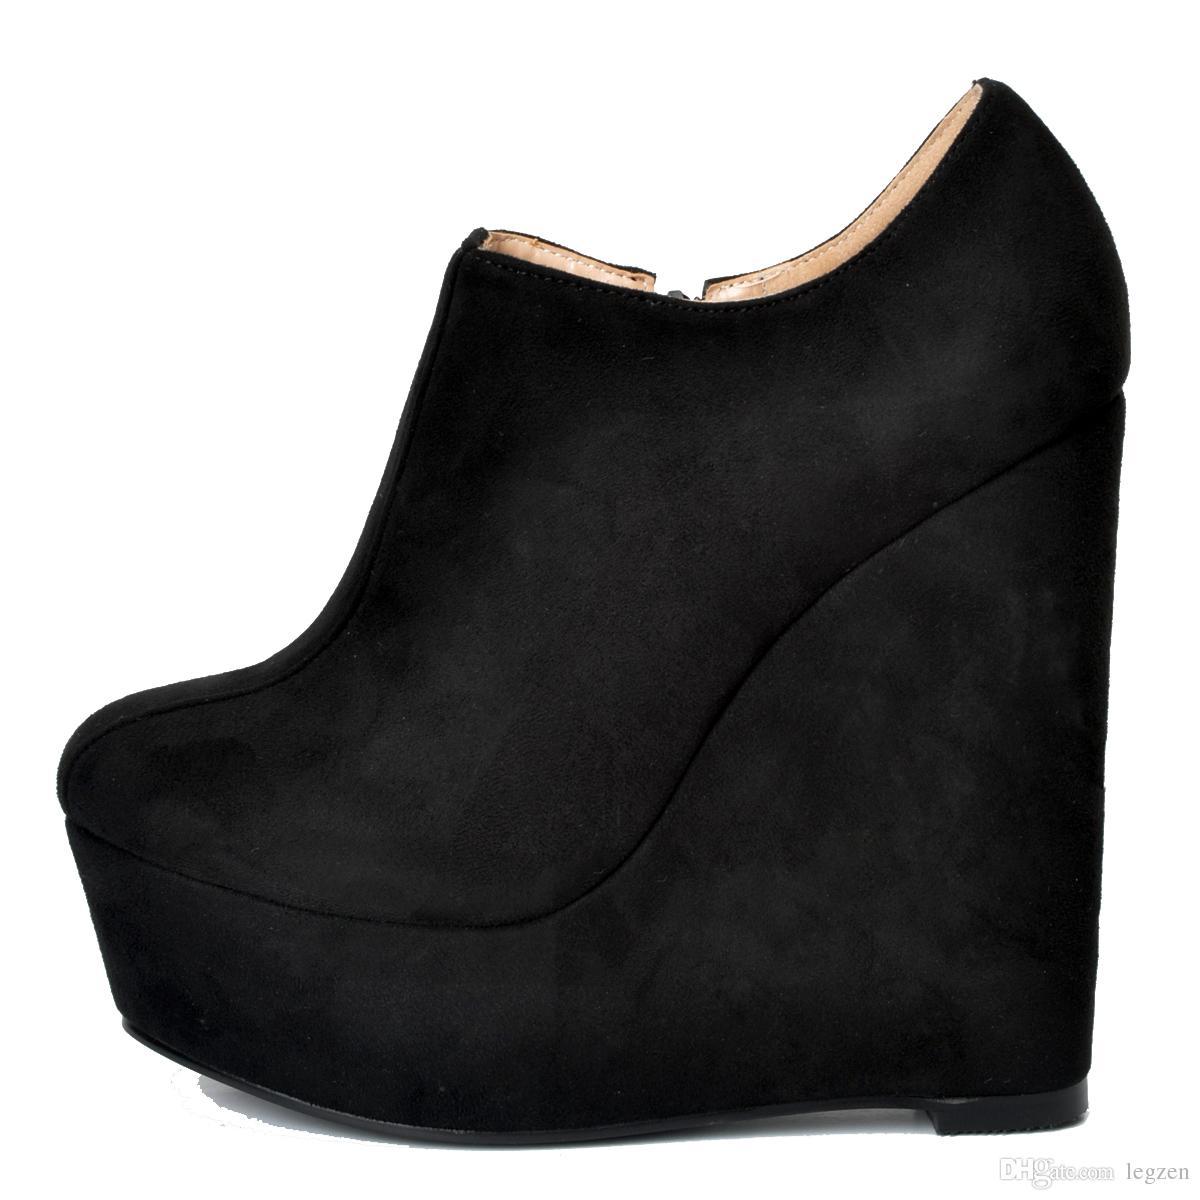 gran selección de bc62d cf873 Compre Legzen Moda Mujer Botines Plataforma Punta Redonda Cuña Bootie Faux  Suede Negro Zapatos Mujer Tallas Grandes A $57.28 Del Legzen | DHgate.Com